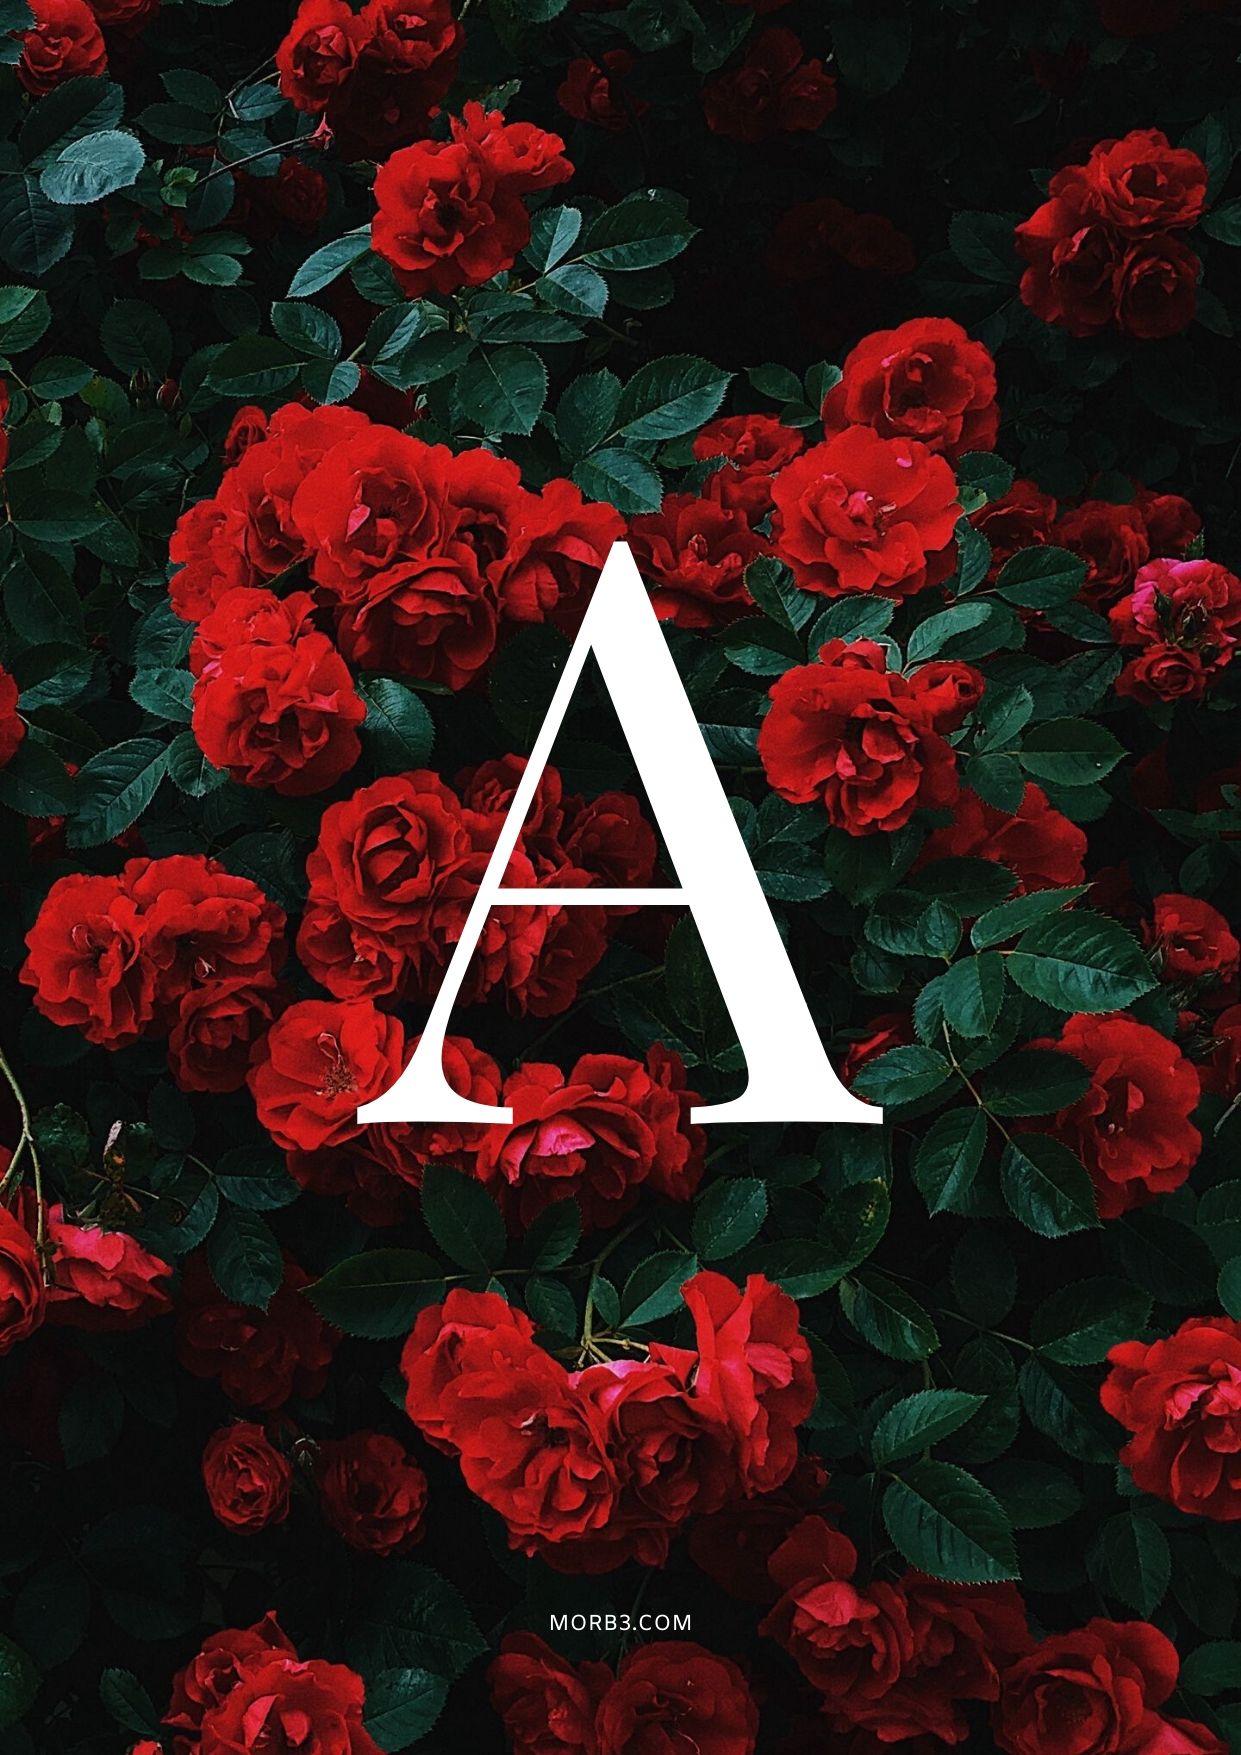 صور و خلفيات حرف A مميزة